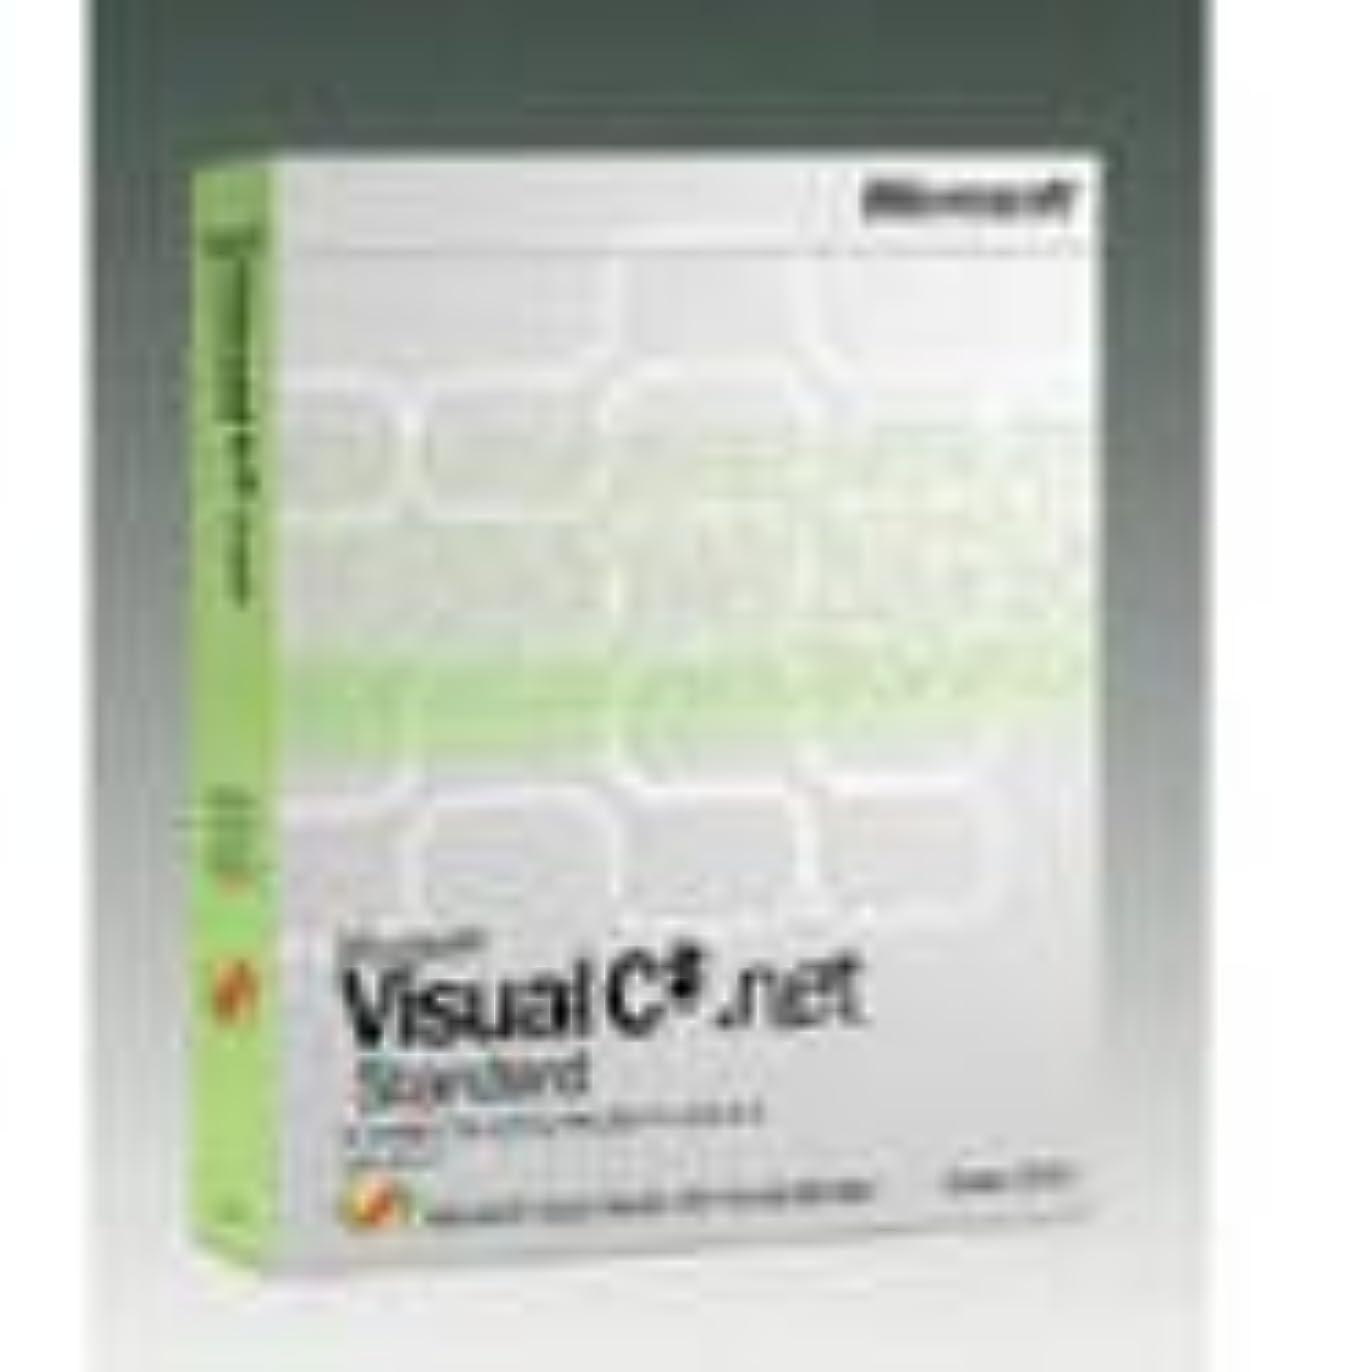 けん引魅力的であることへのアピール短命Microsoft Visual C# .NET Standard Version 2002